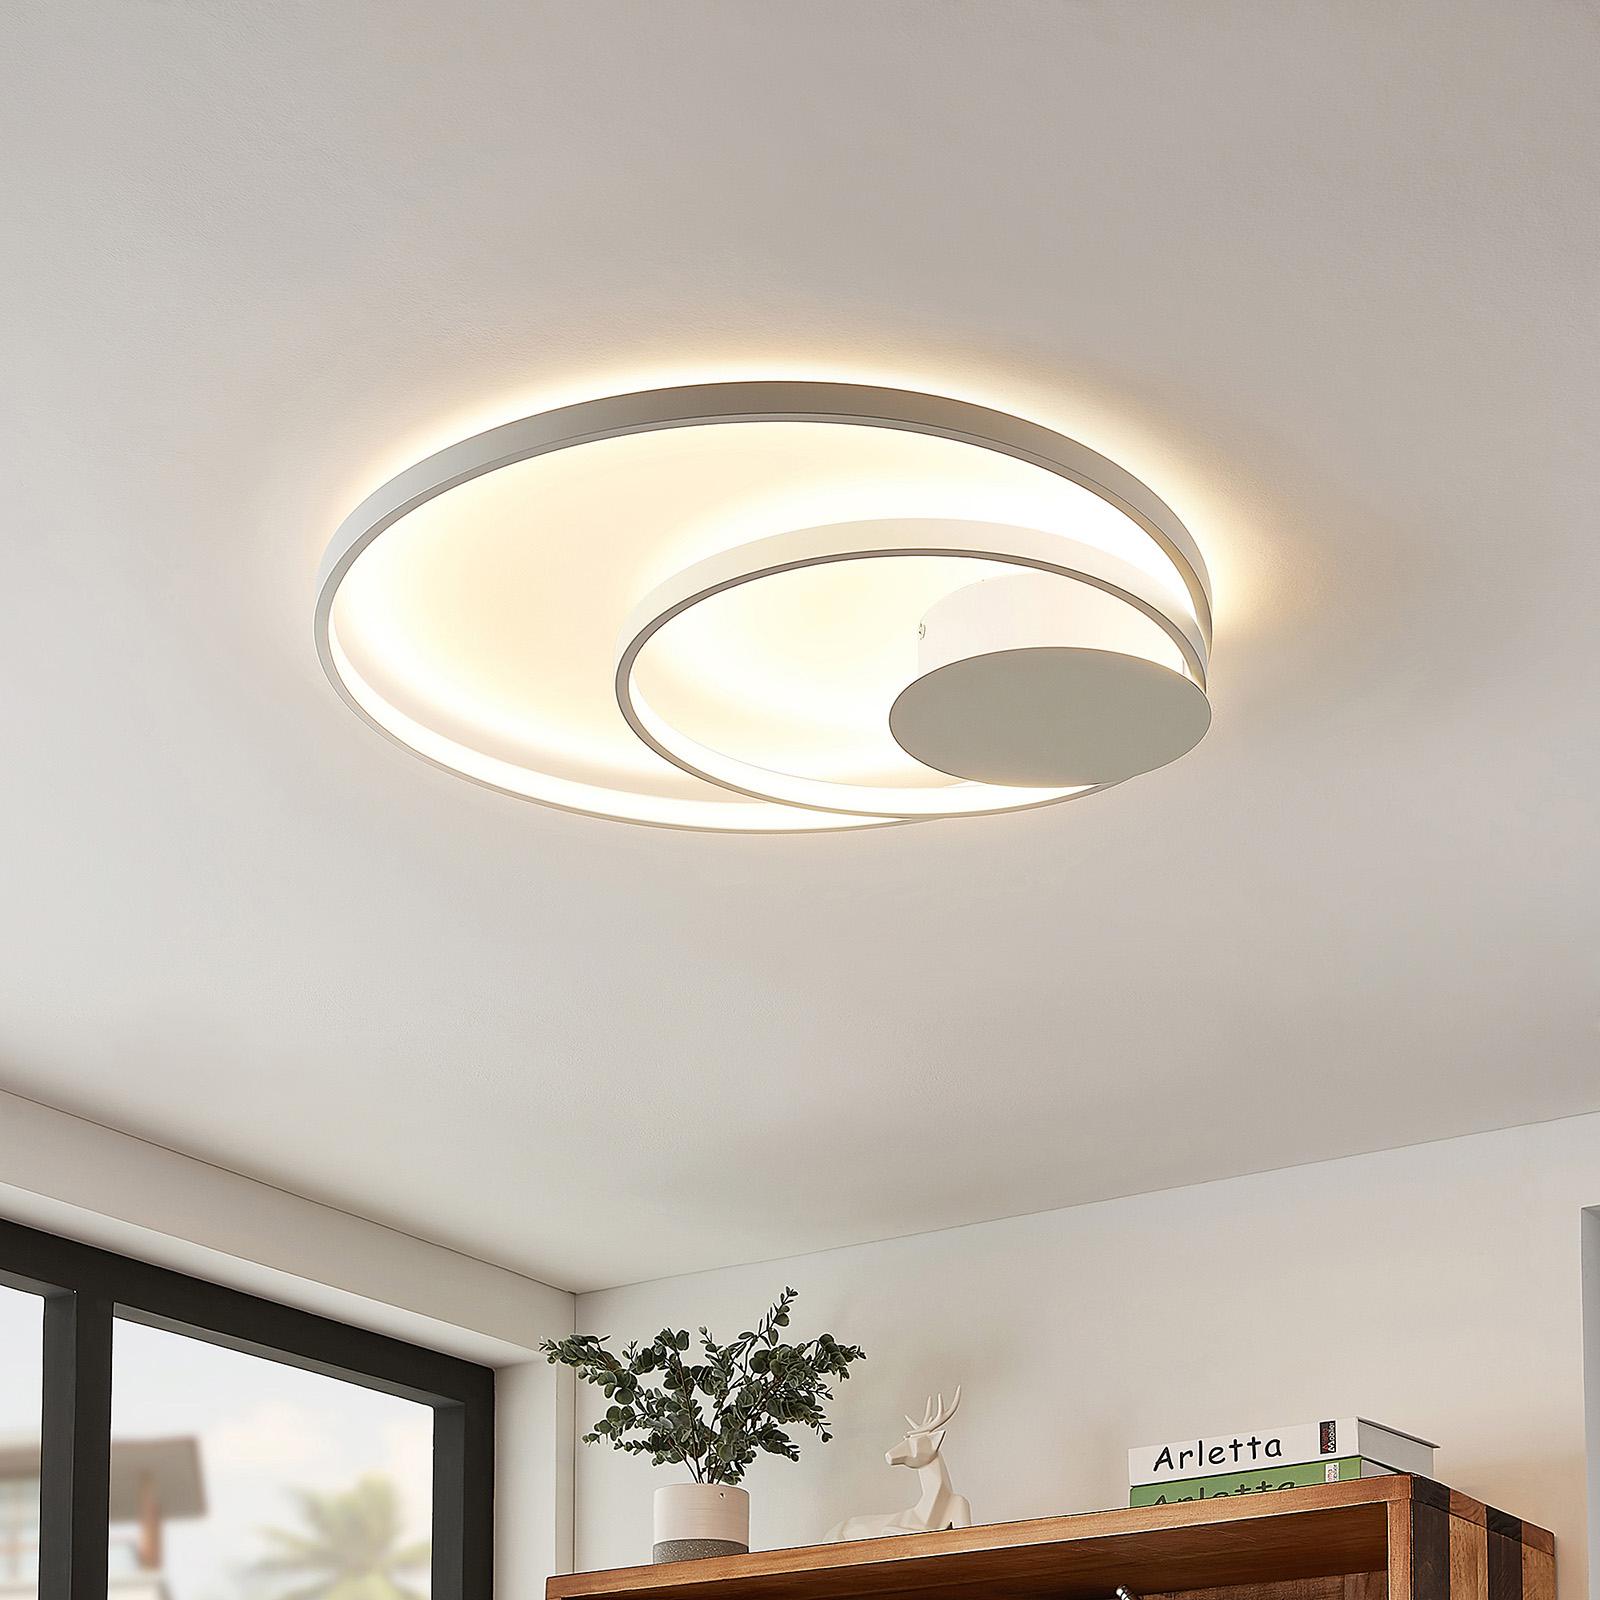 Lindby Nerwin lampa sufitowa LED, okrągła, biała